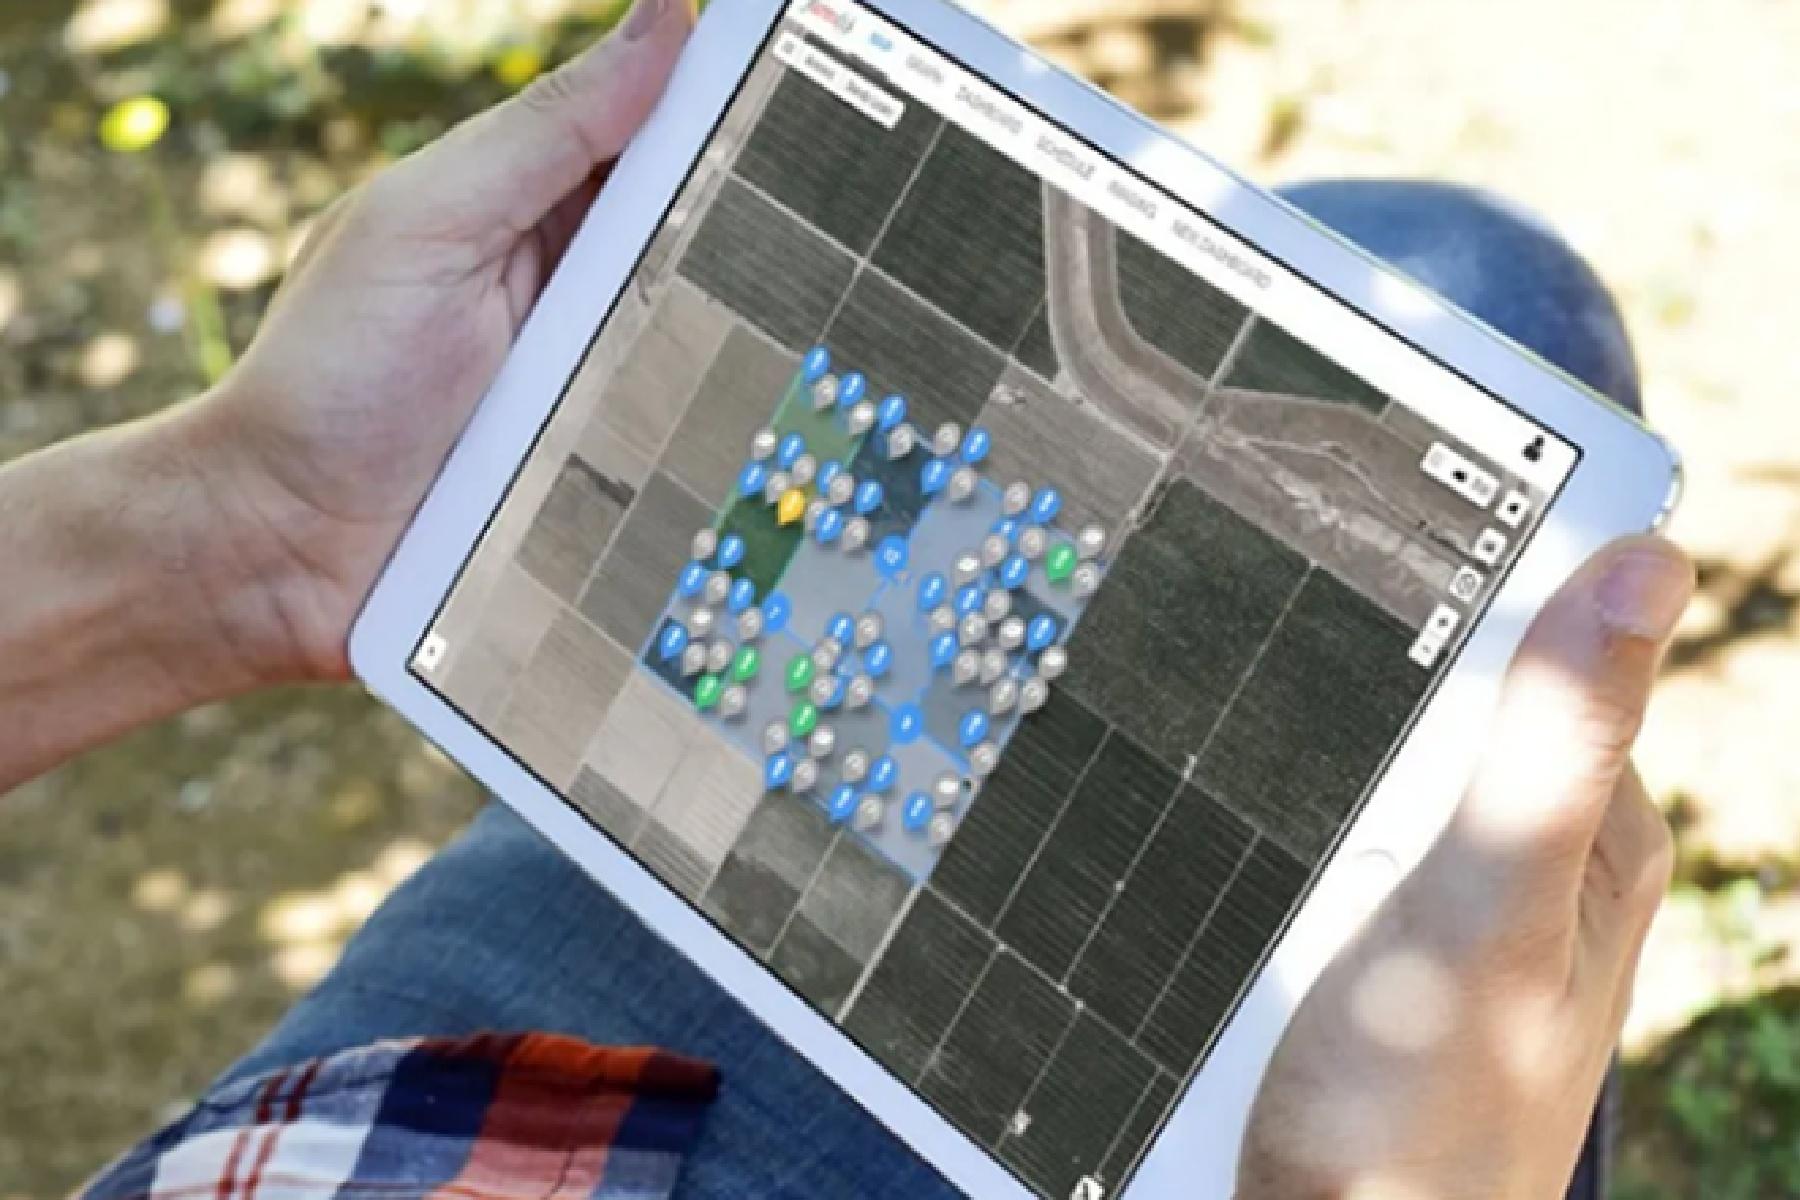 クボタ、米国のAgTechスタートアップ企業「FarmX」に出資